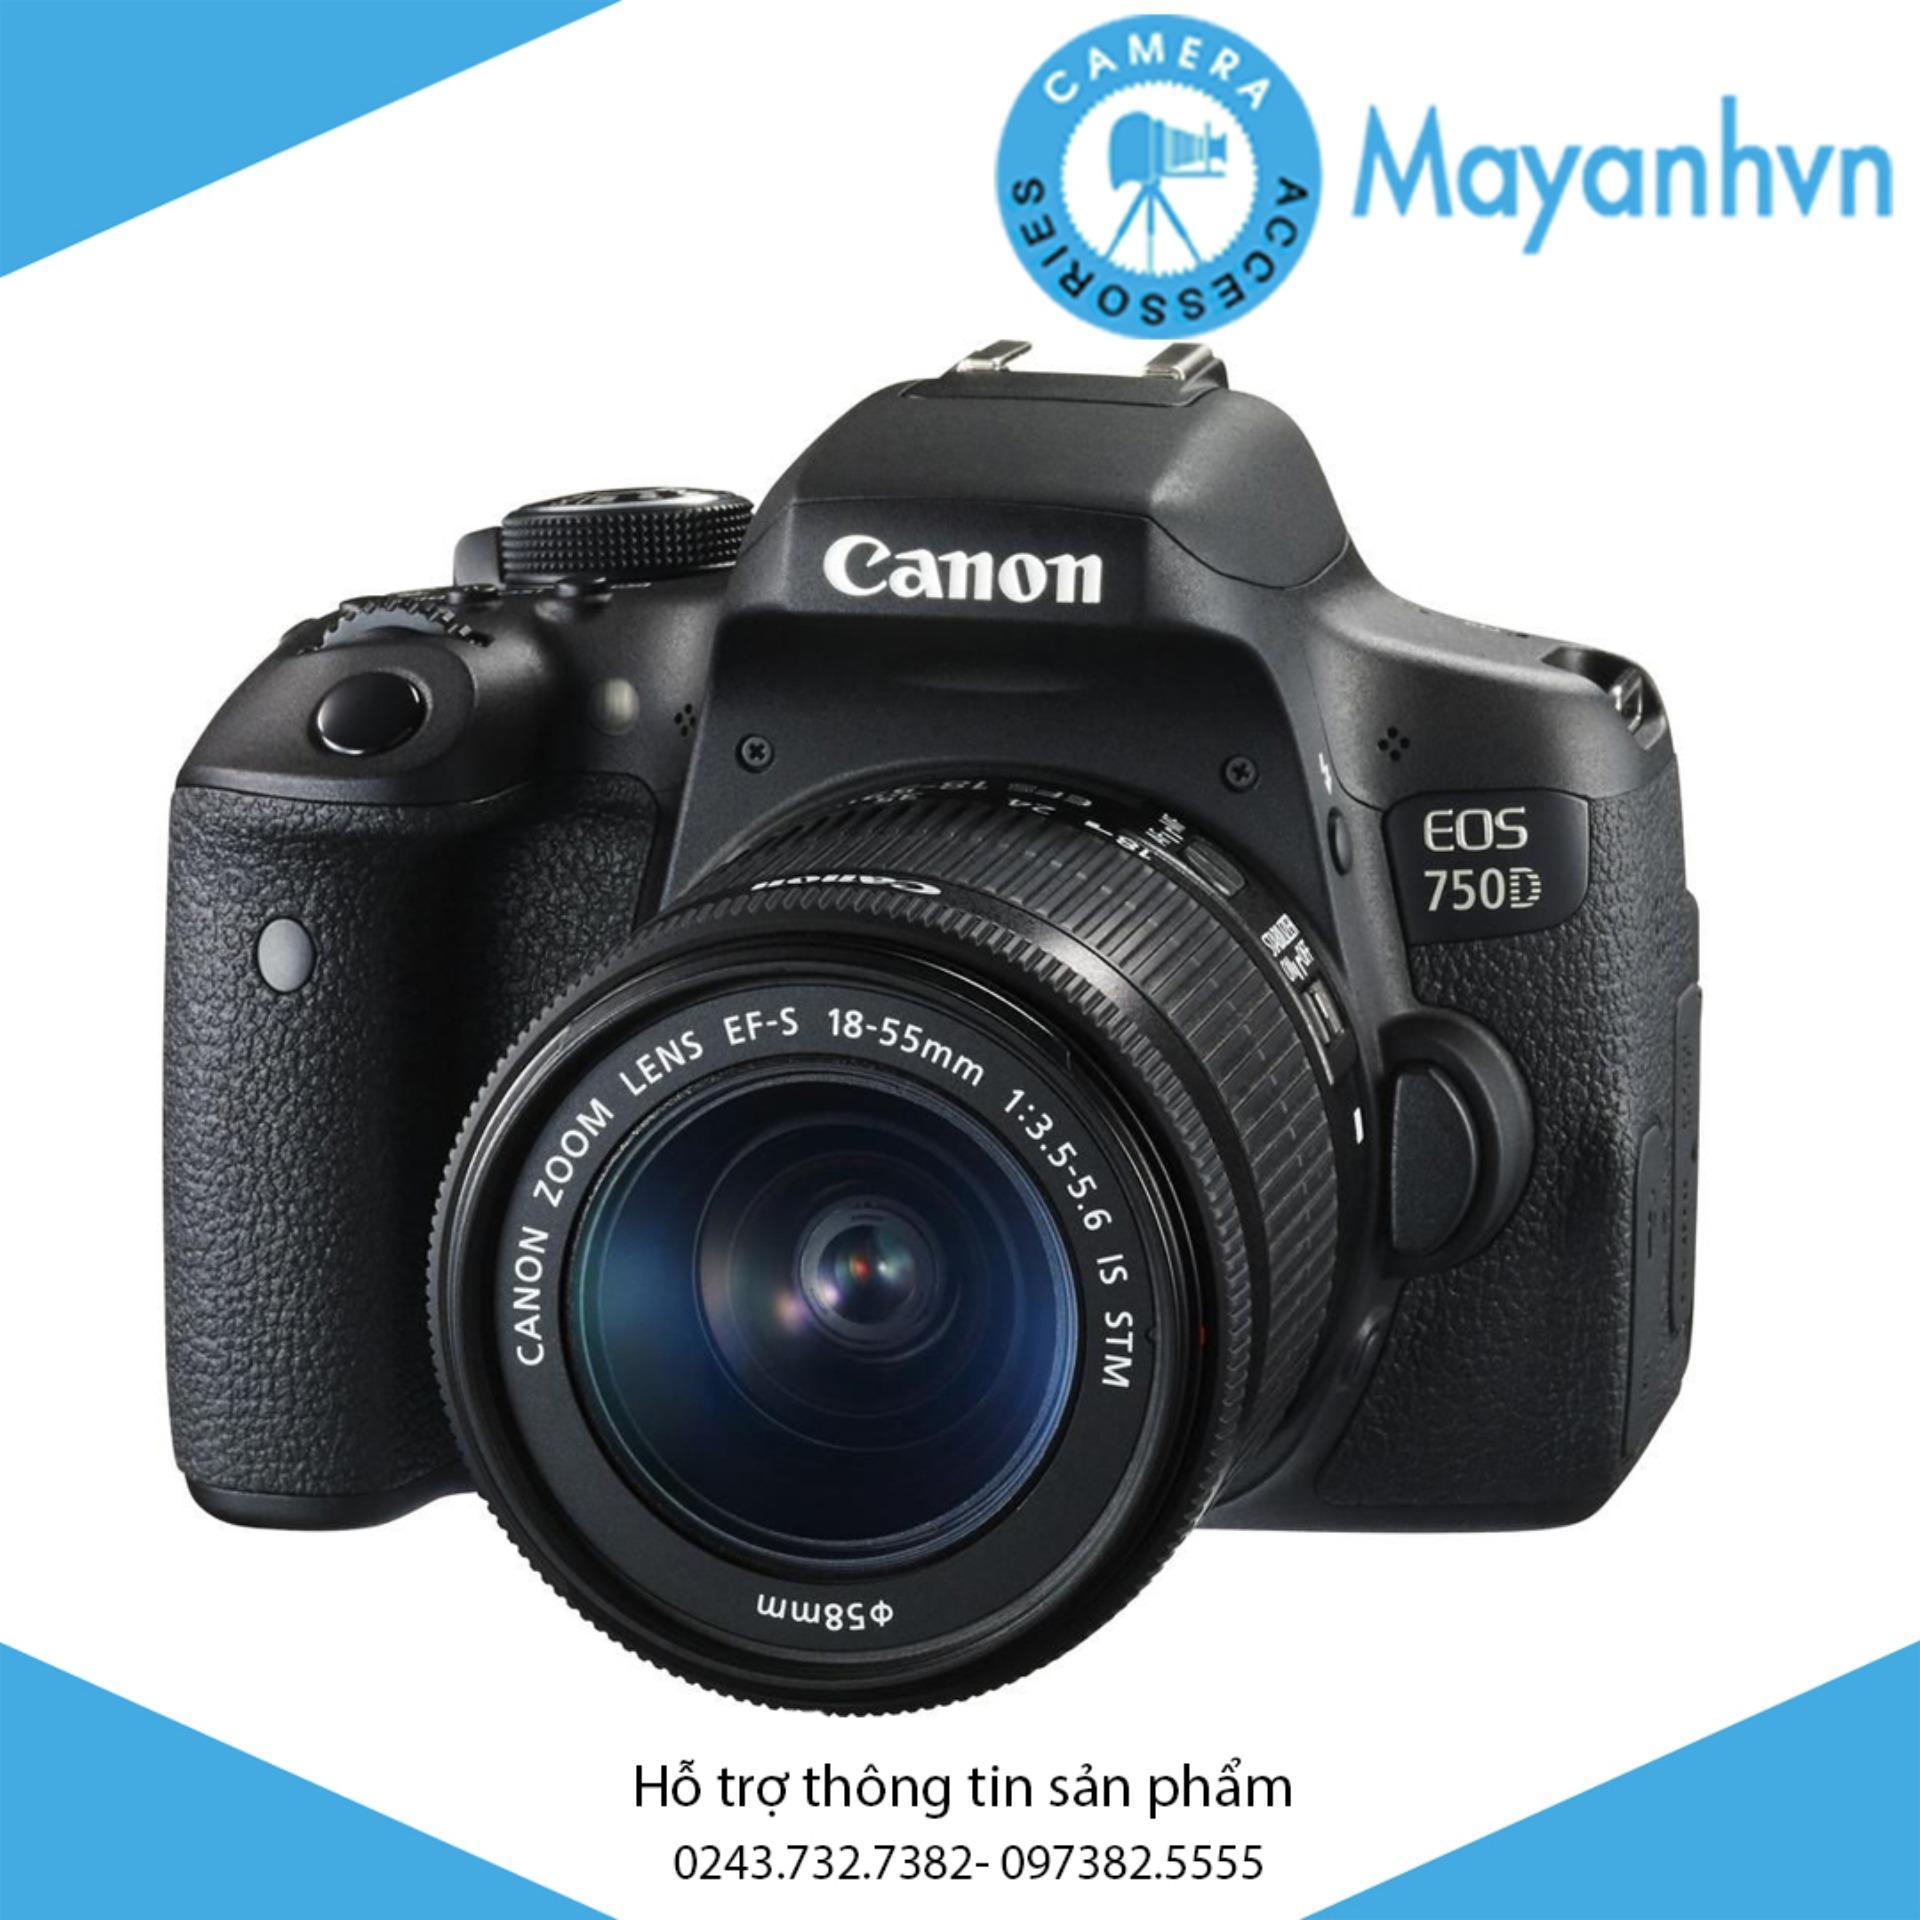 Canon EOS 750D 24MP với Lens kit EF-S 18-55 IS STM (Đen) + Tặng kèm 1 túi đựng máy ảnh + Tặng kèm 01 thẻ nhớ 16GB – Hãng phân phối chính thức